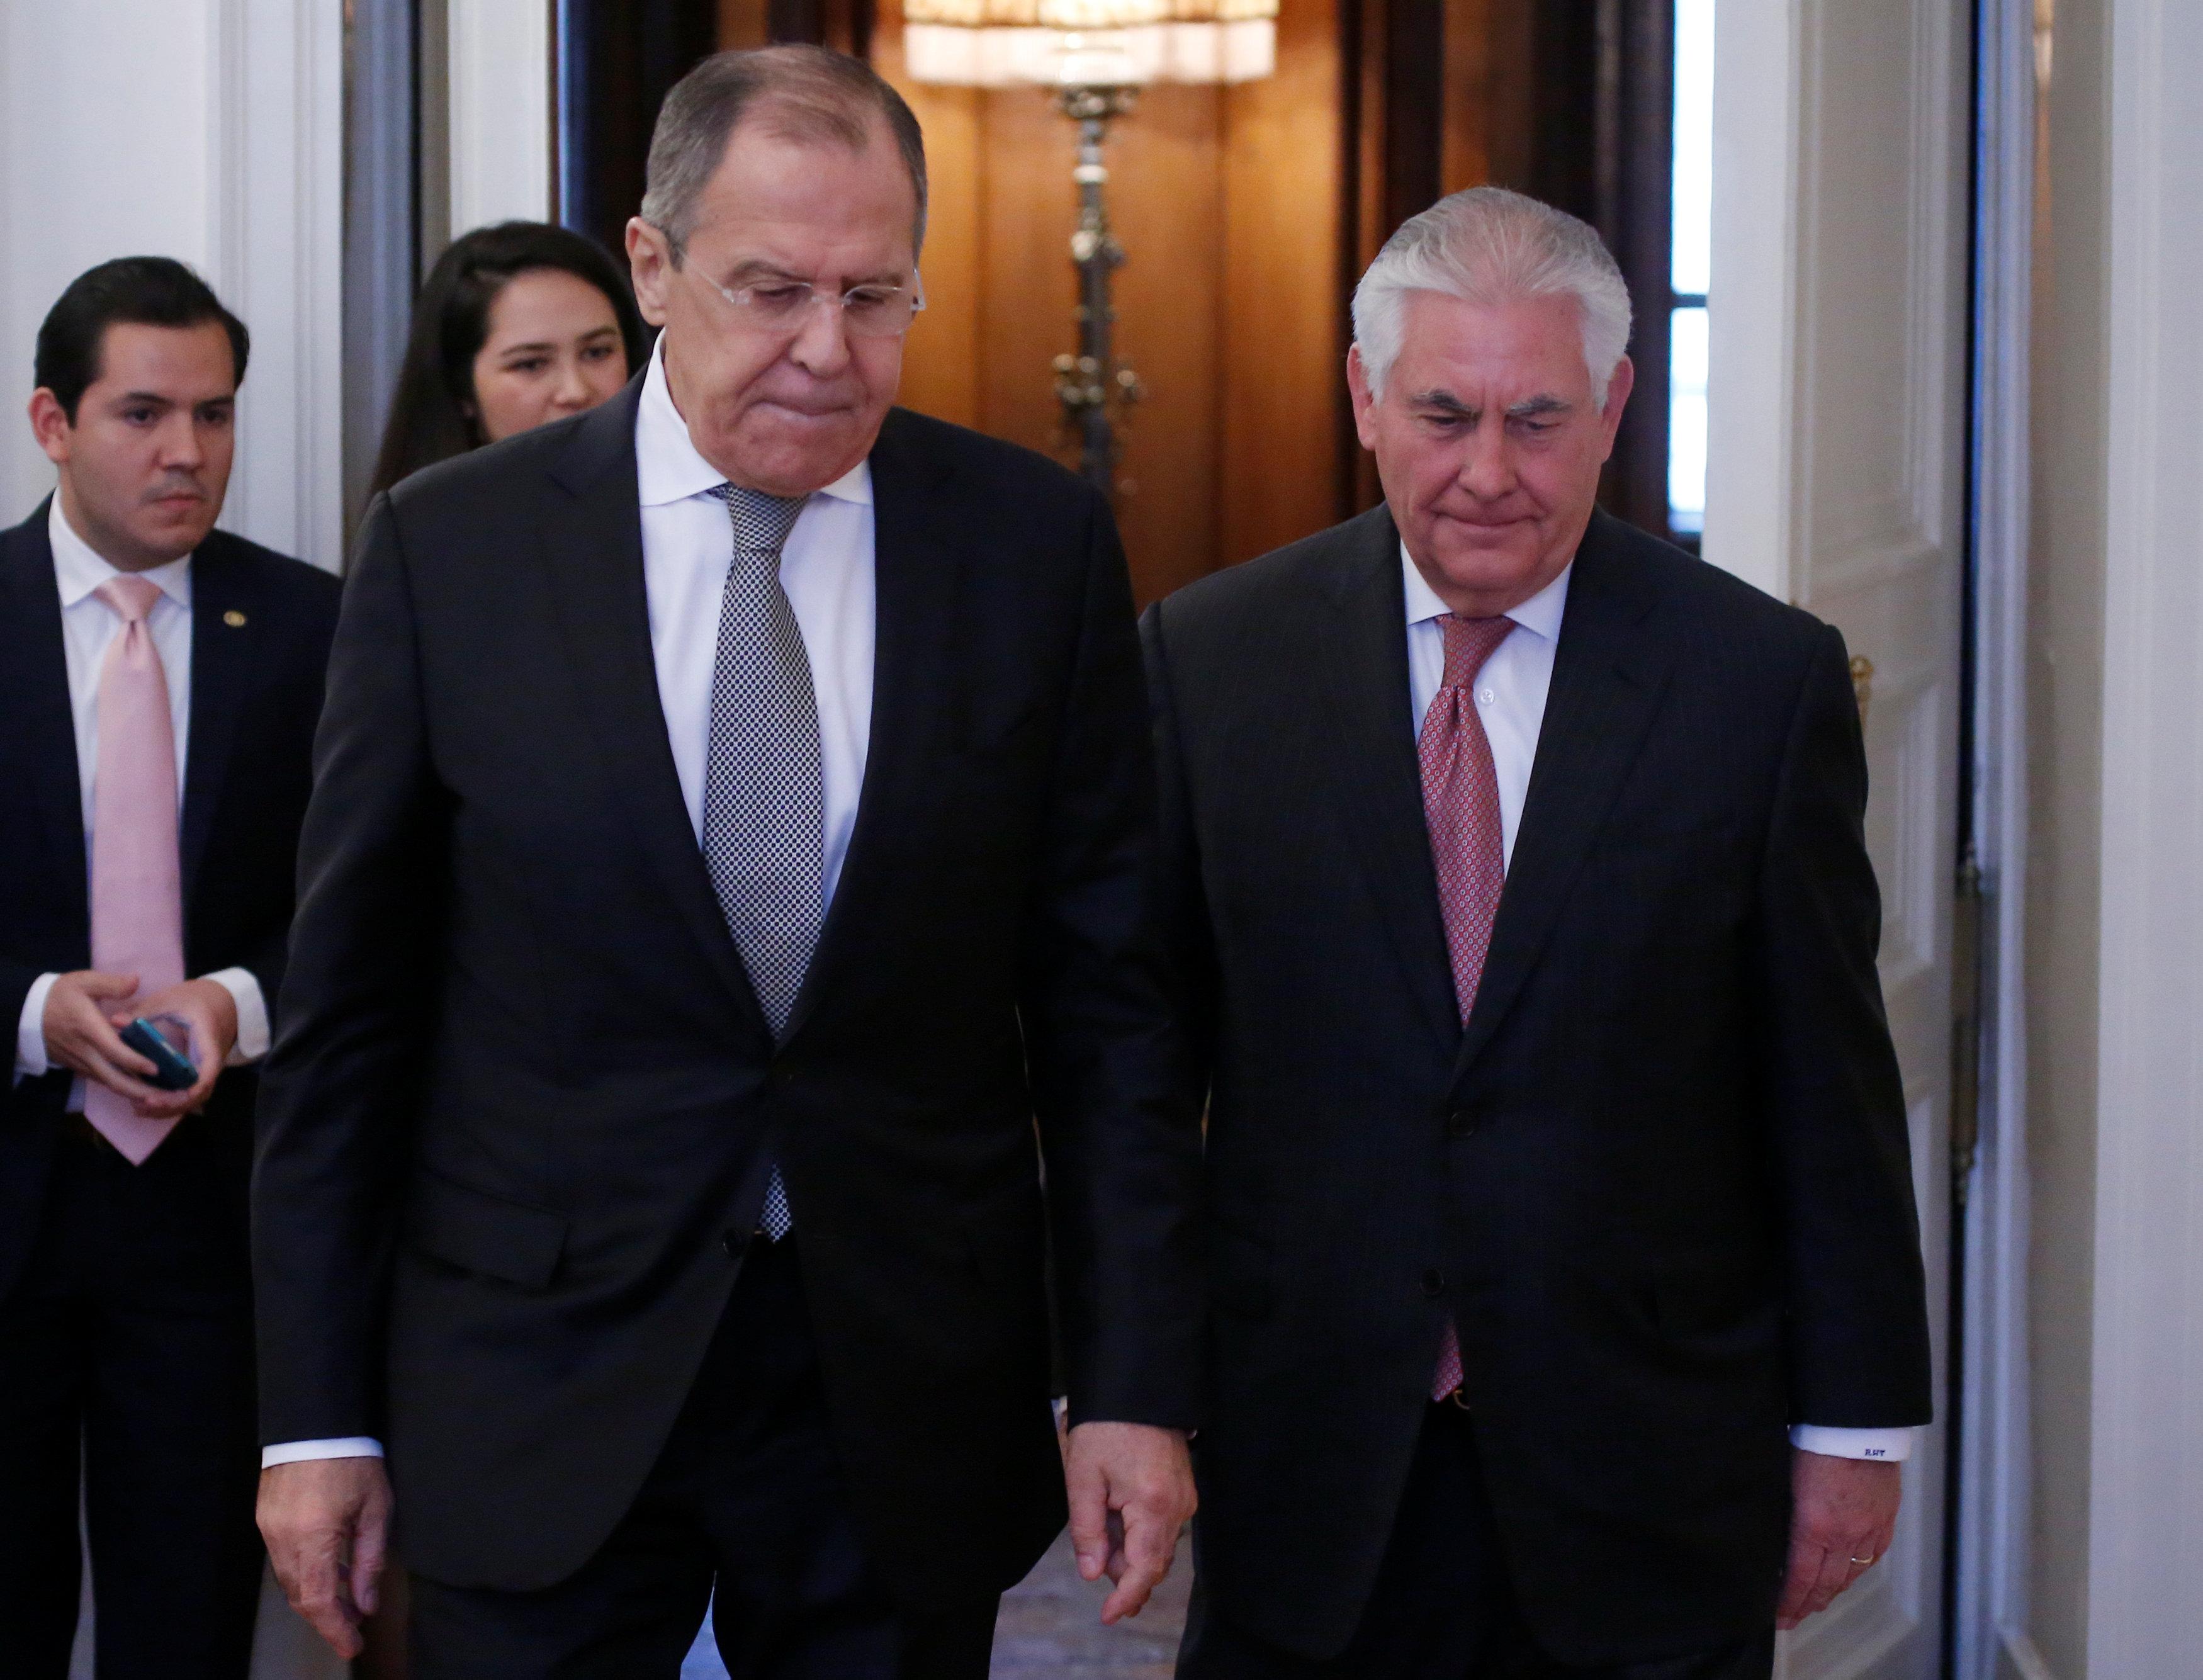 رسانه آمریکایی: طرح 4 مرحلهای آمریکا برای حل بحران سوریه / روسیه مخالفت کرد